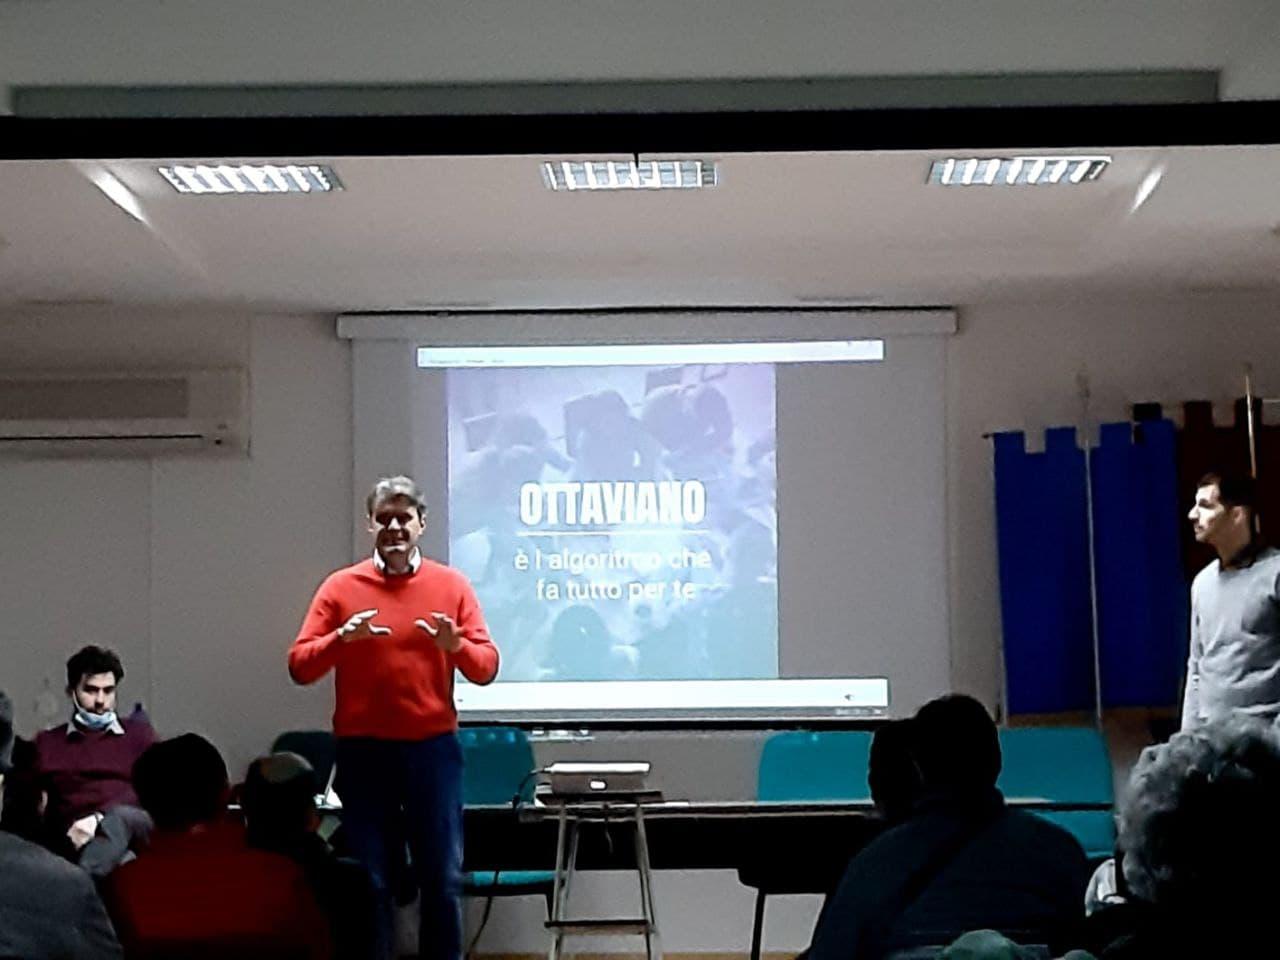 Trading Bull Club - Ottaviano presentazione